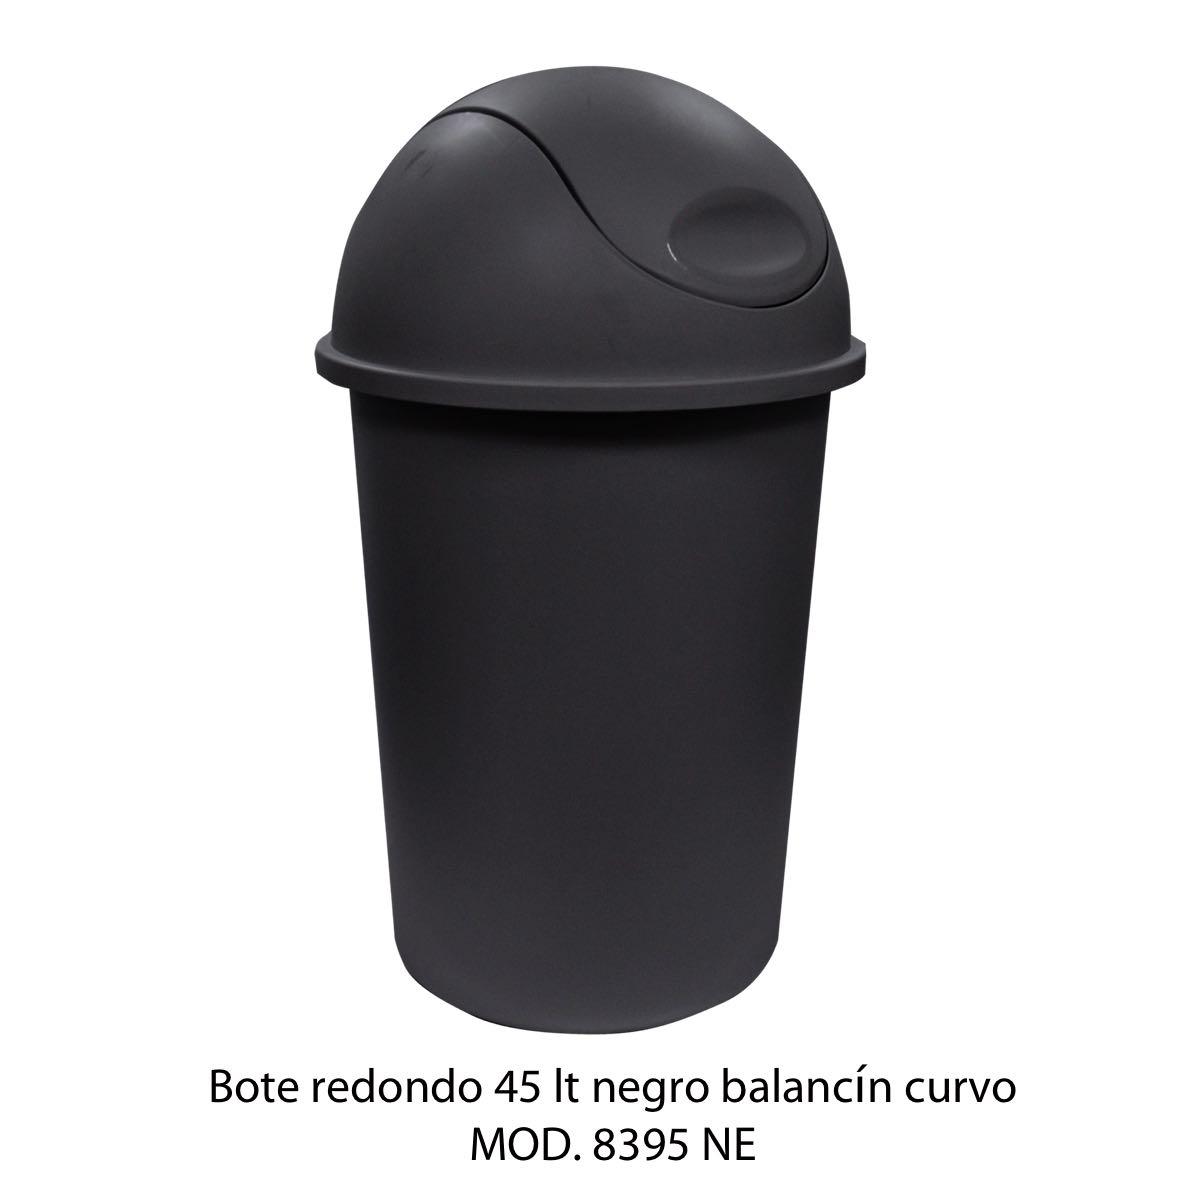 Bote de basura redondo de 45 litros con balancín curvo color negro modelo 8395 NE - Sablón